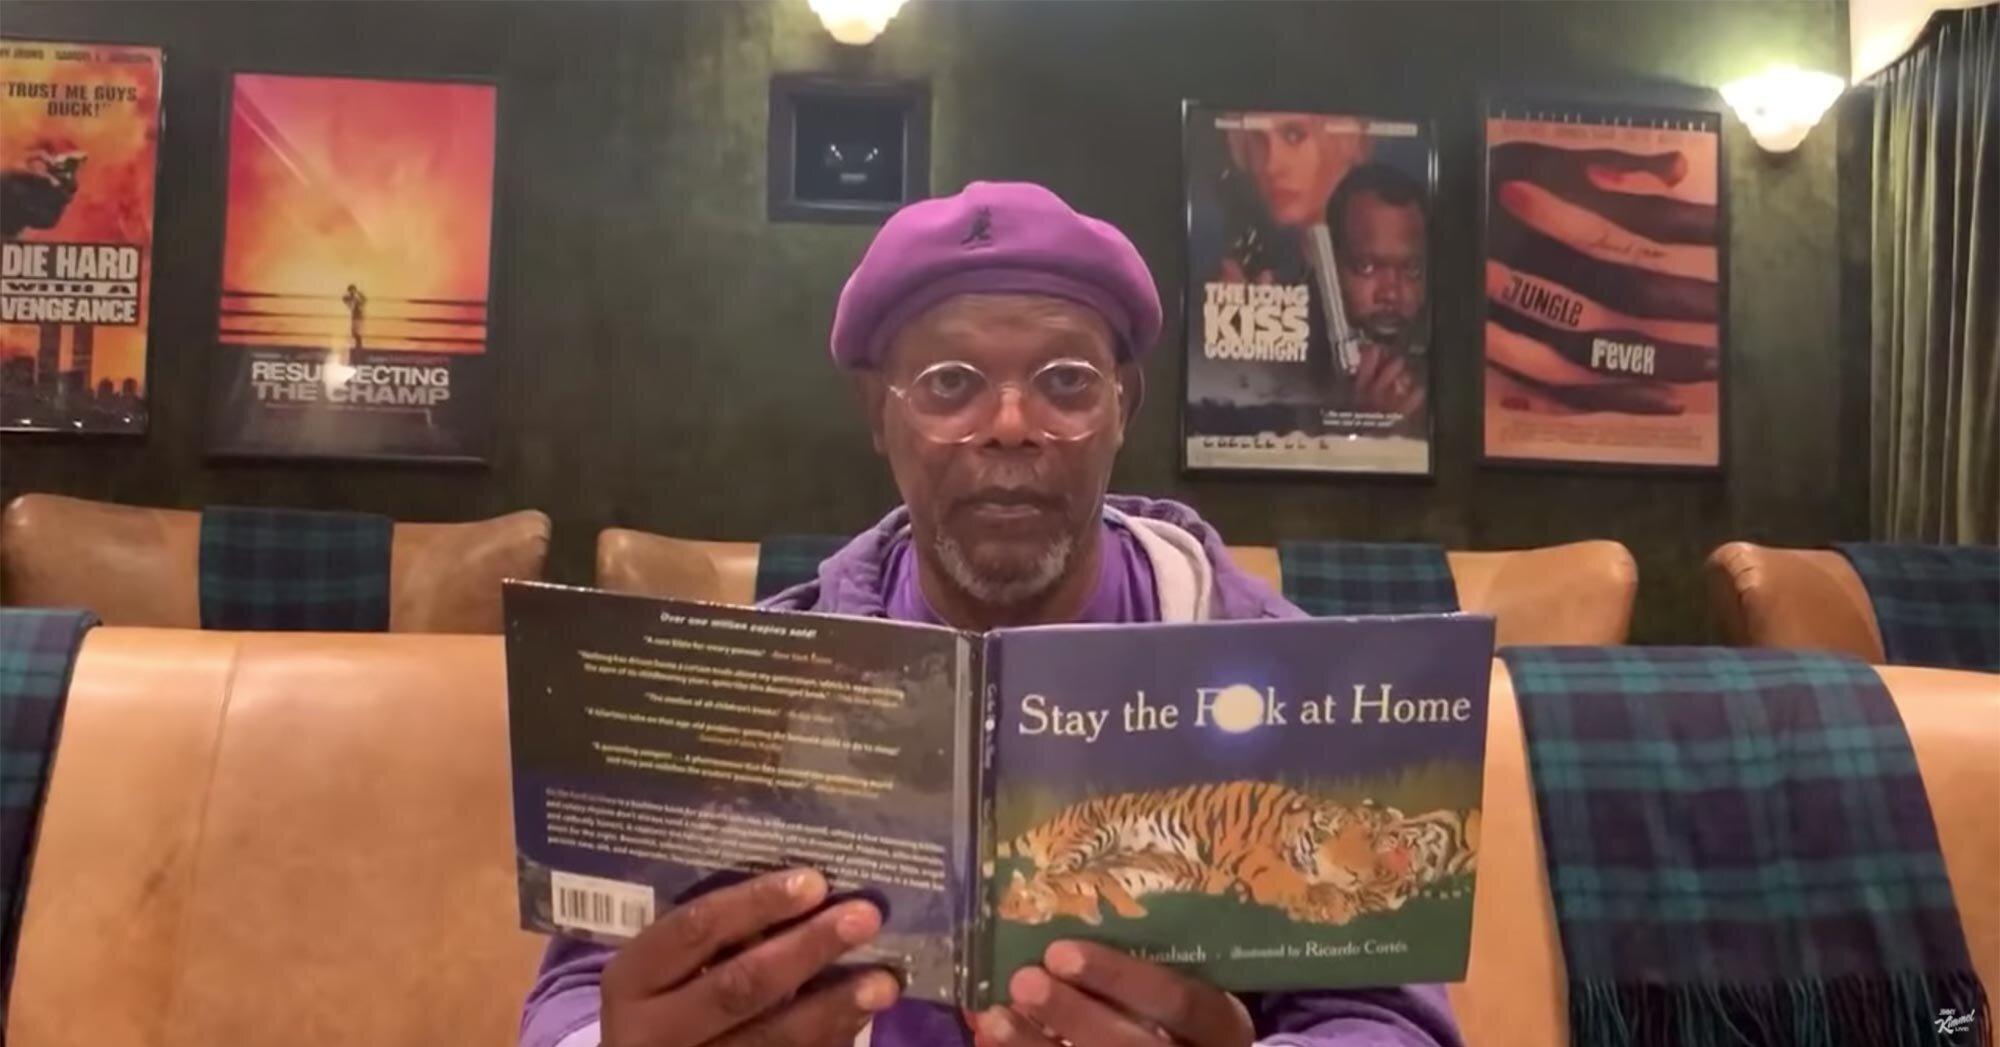 <em>Stay the F--- at Home</em>: Samuel L. Jackson has a new book to read on <em>Kimmel</em>